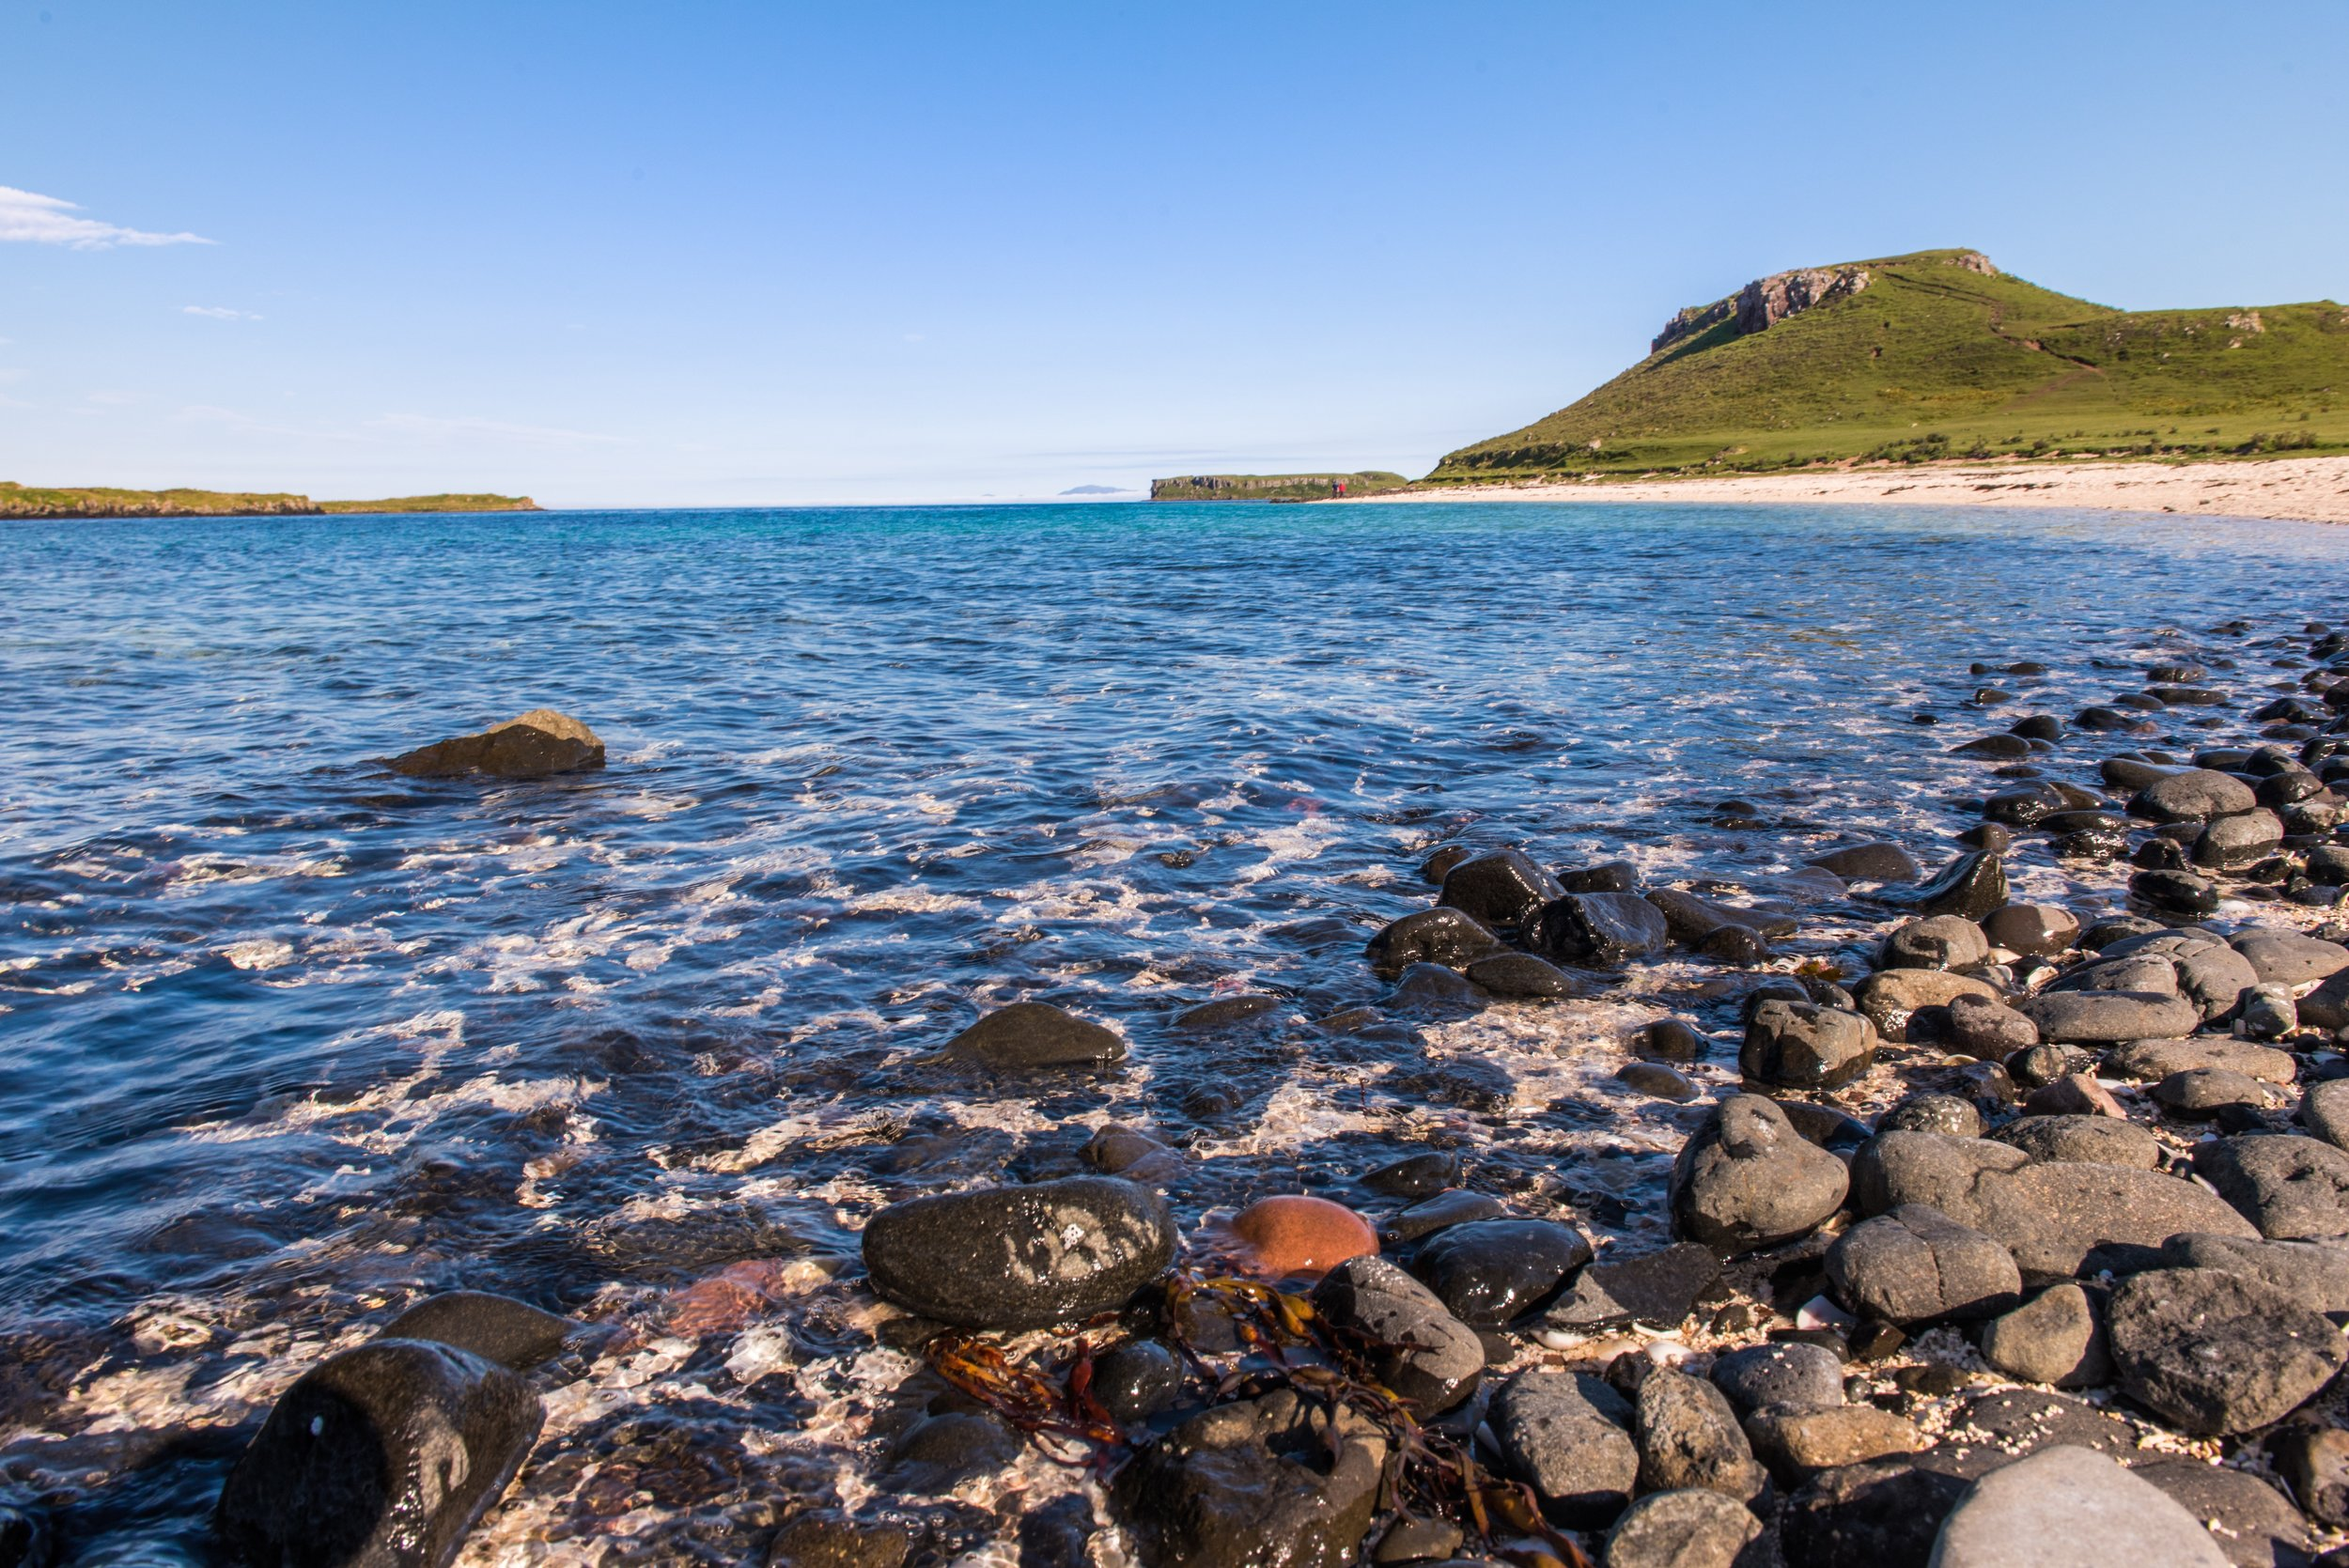 skye-coral-beach-1245056.jpg